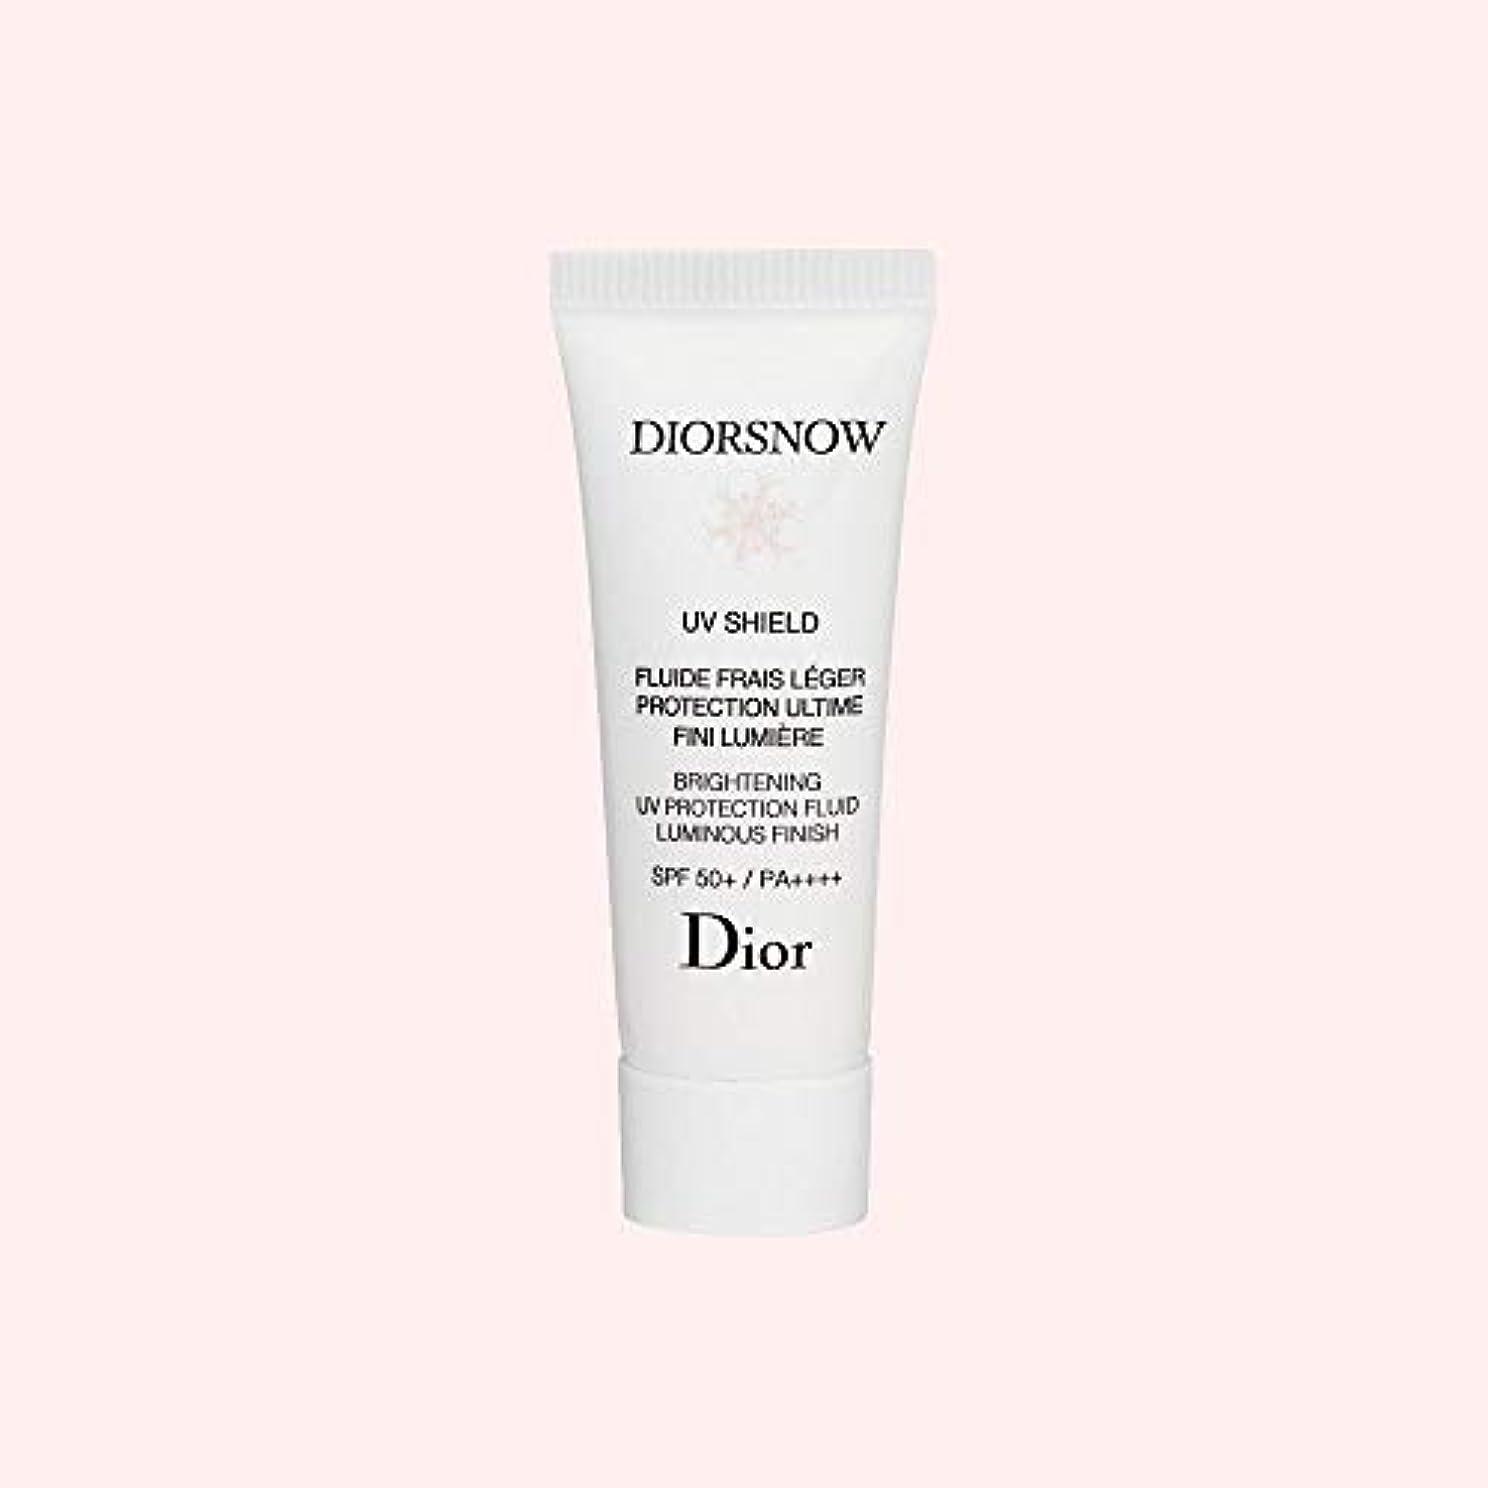 ディオール(Dior) 【ミニサイズ】ディオール スノー ブライトニング UVプロテクション 50+ 【数量限定激安!】 [並行輸入品]